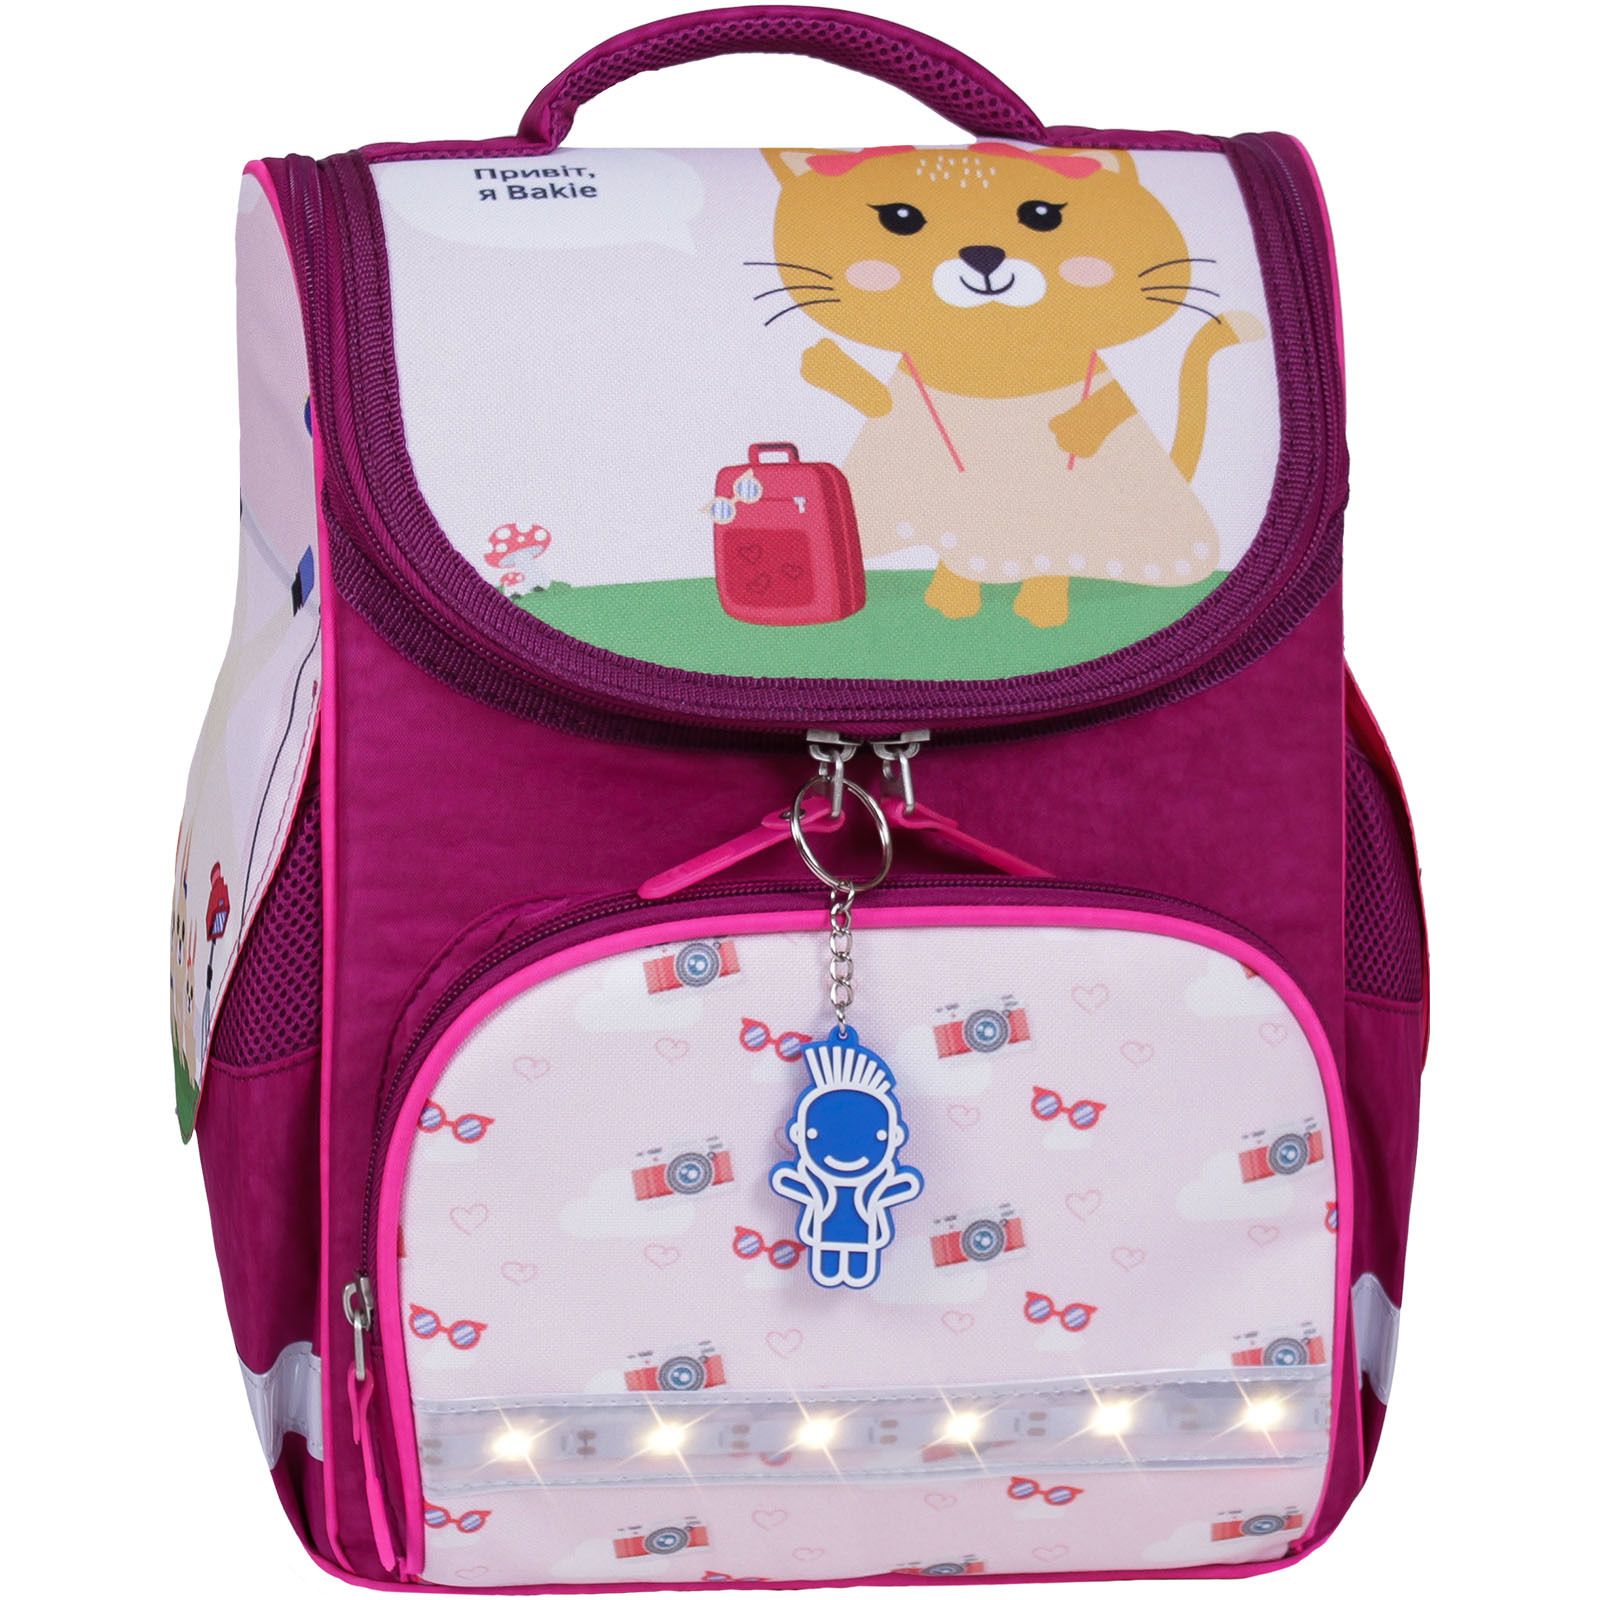 Школьные рюкзаки Рюкзак школьный каркасный с фонариками Bagland Успех 12 л. малиновый 434 (00551703) IMG_7390-1600.jpg